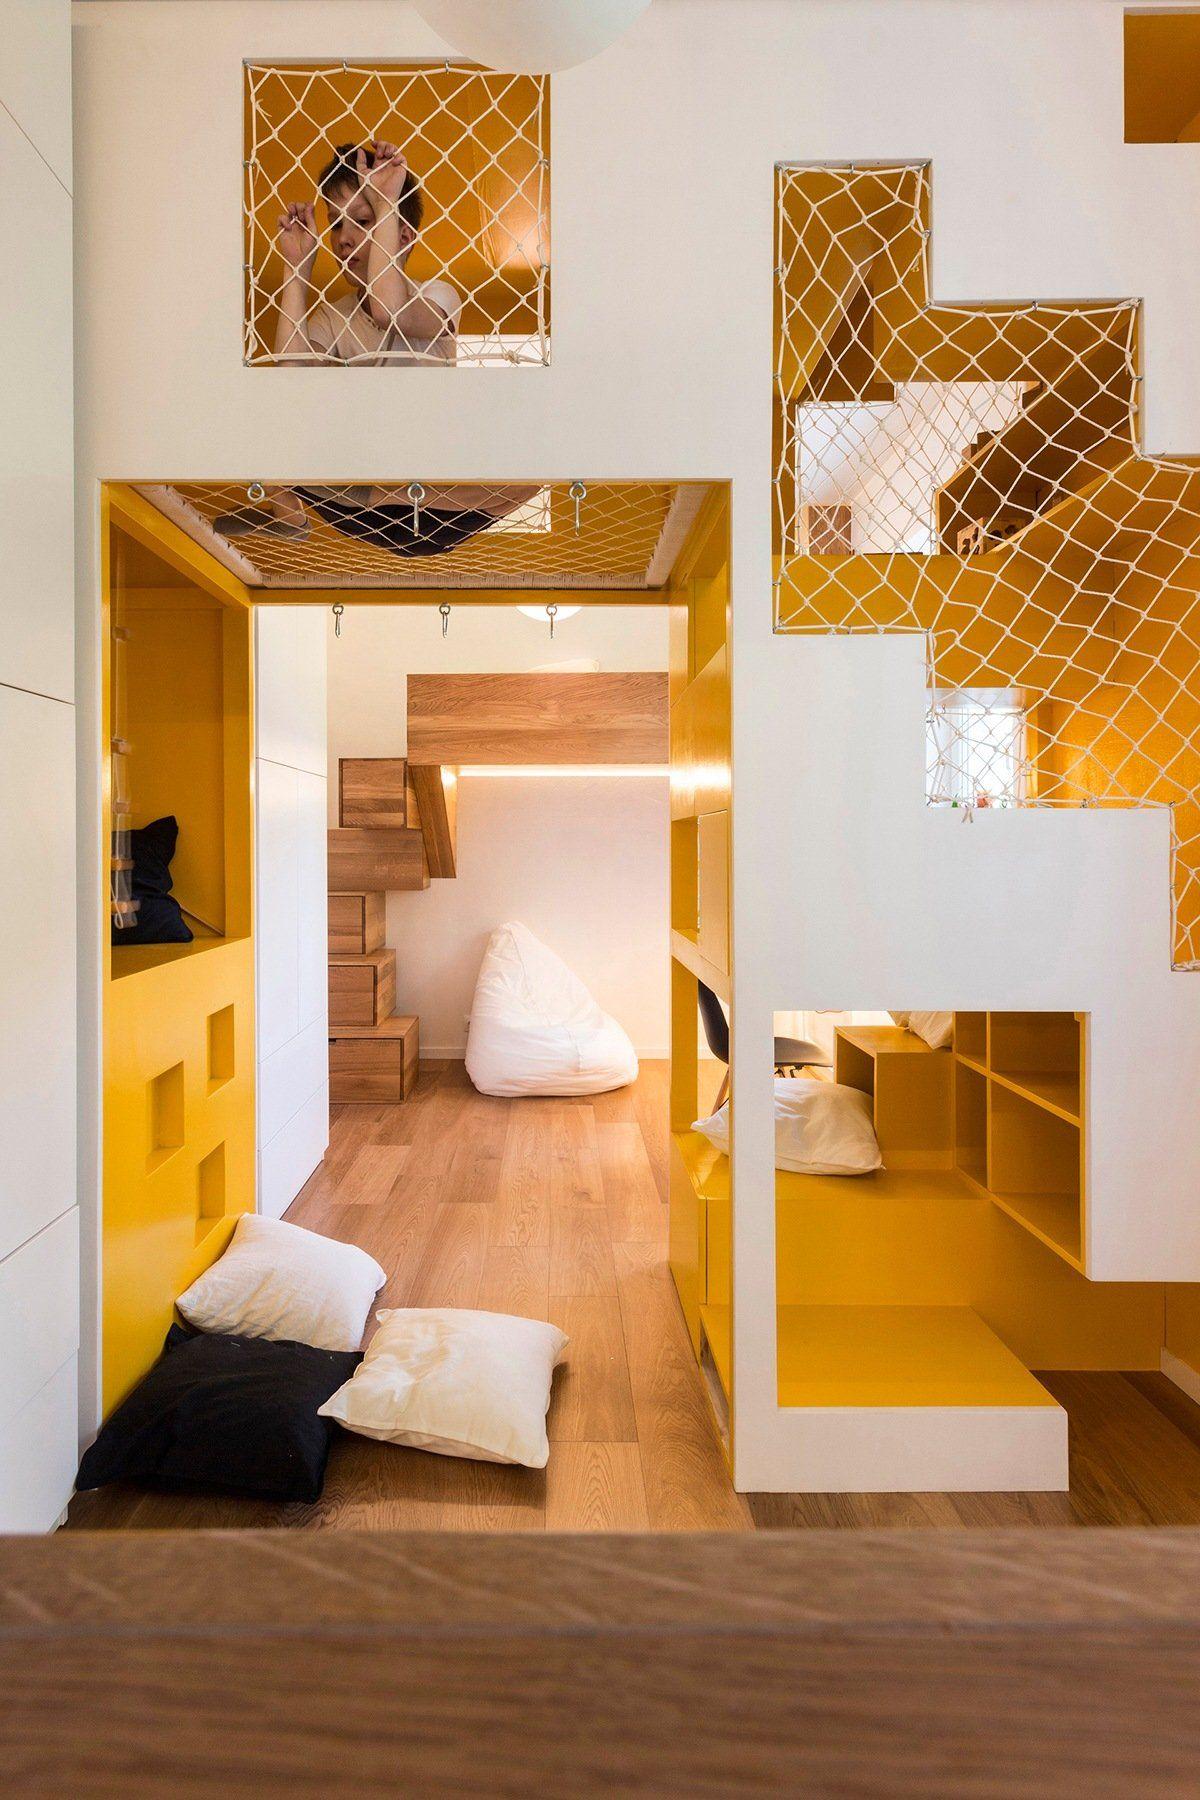 Nevjerojatno modularan obiteljski stan s razigranim prostorom ...